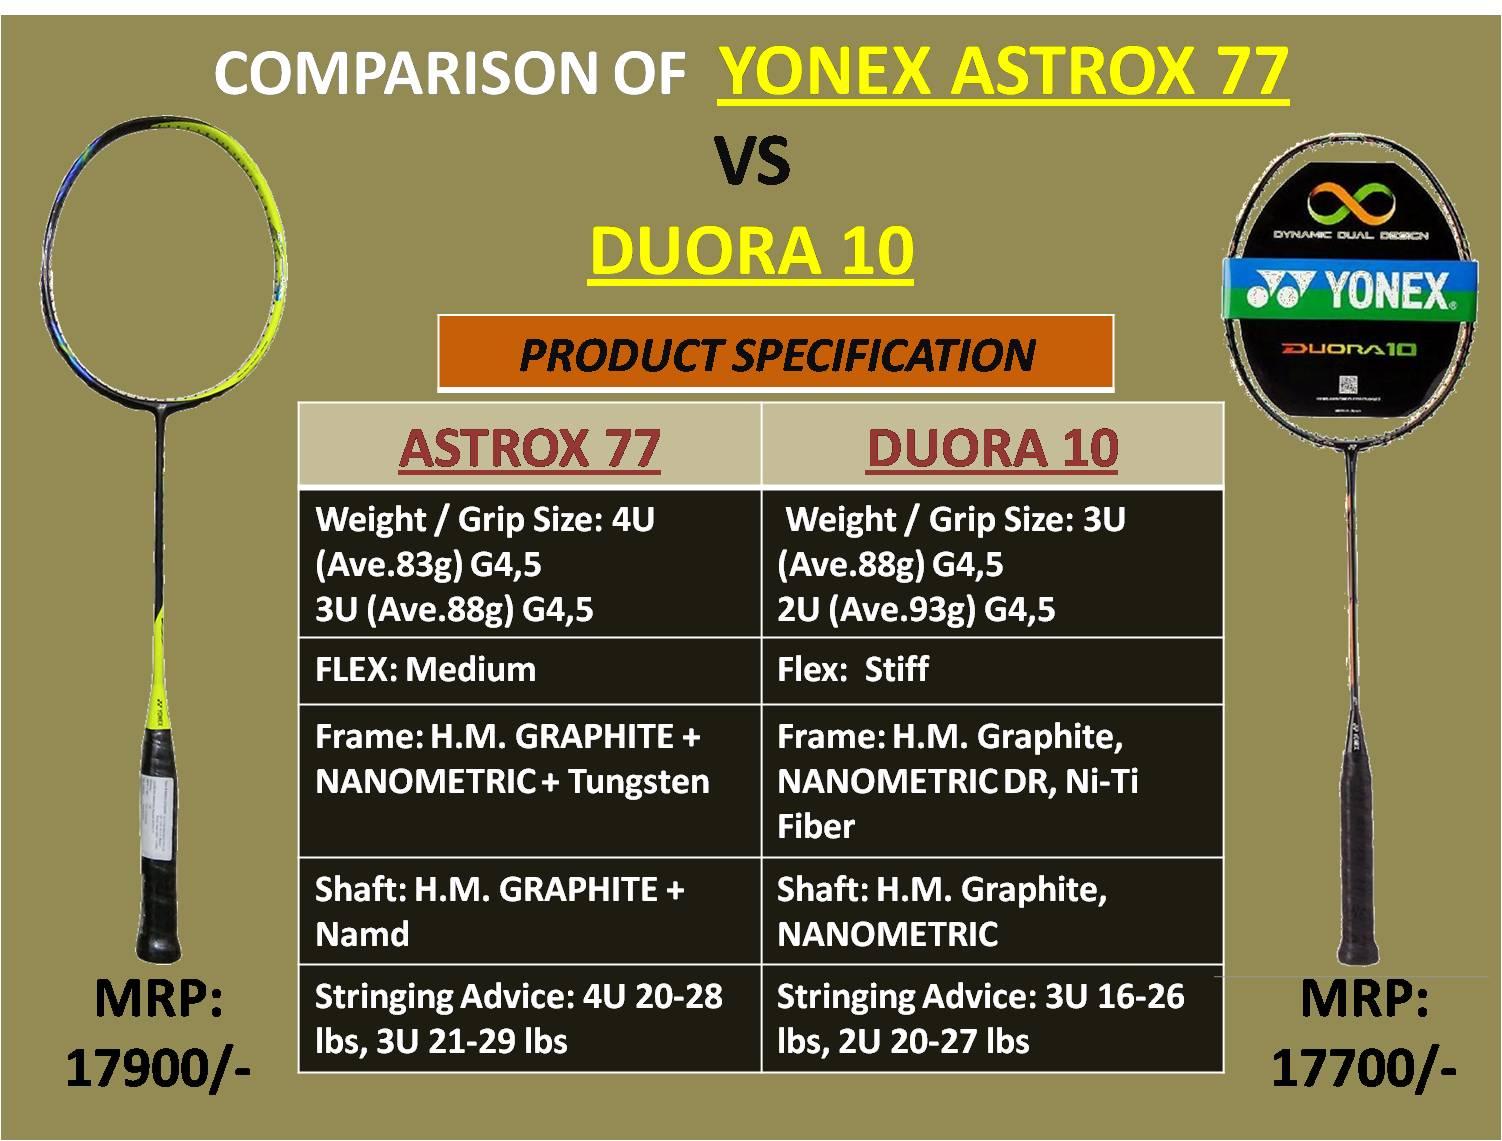 COMPARISON OF YONEX ASTROX 77 VS DUORA 10_2